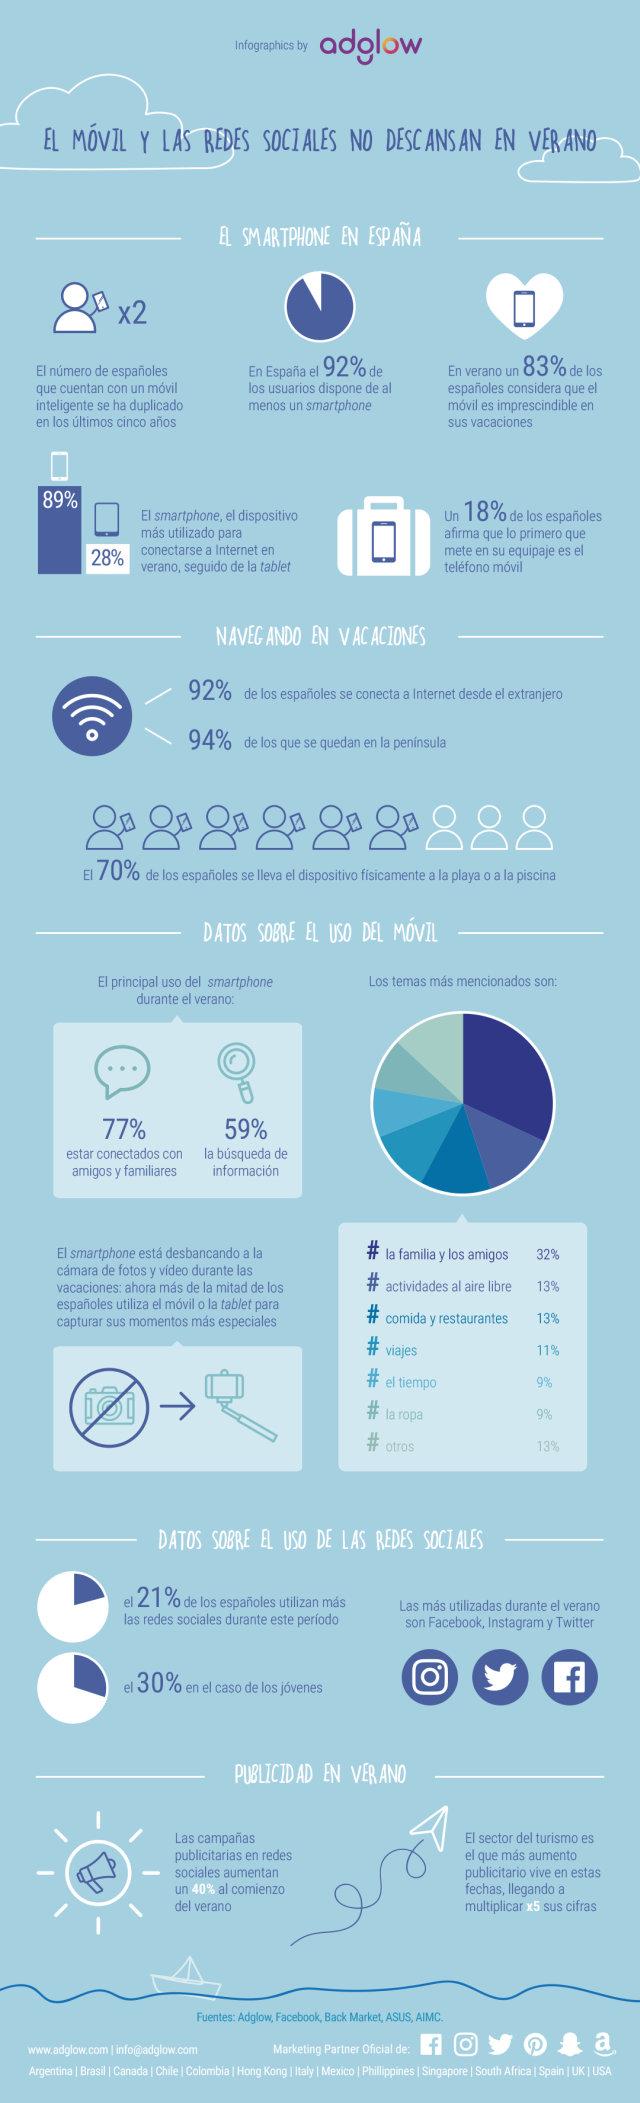 Infografía: El Móvil y las redes sociales no descansan en verano